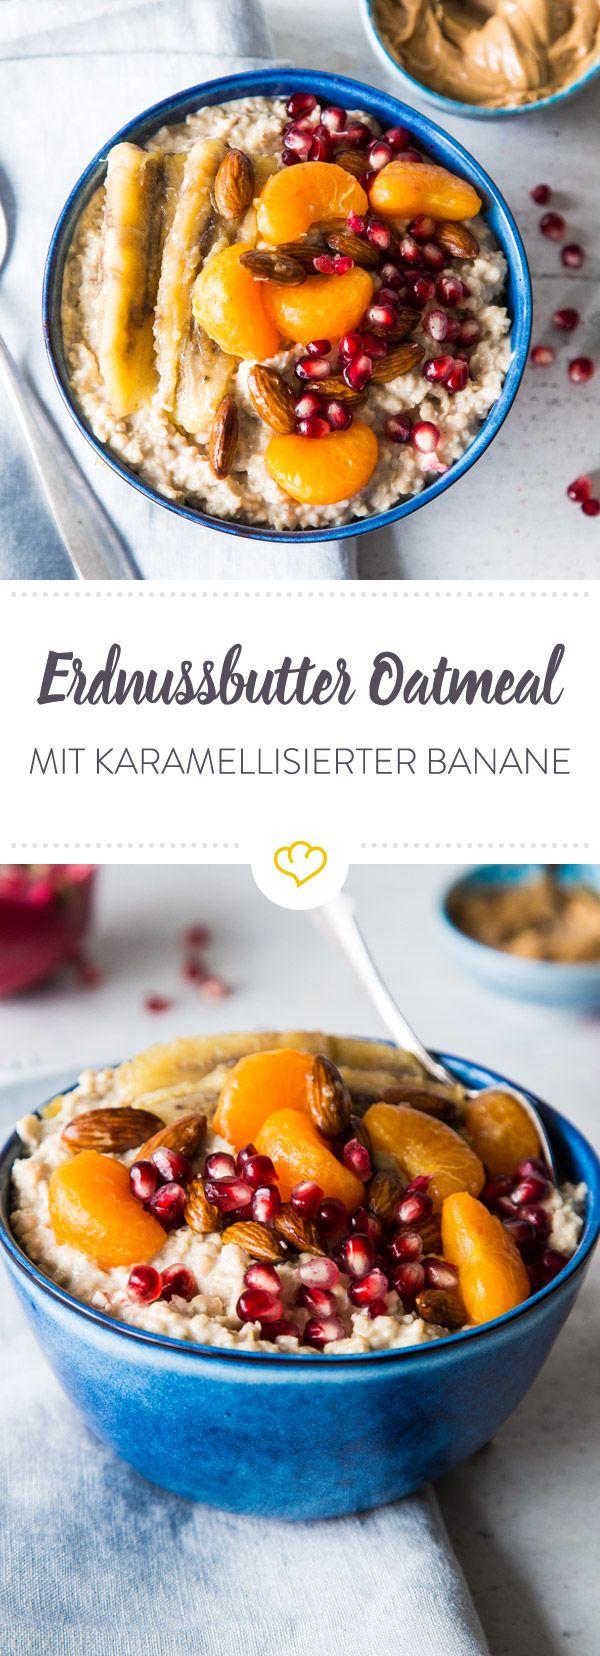 In das Erdnussbutter Oatmeal kommen zu der karamellisierten Banane noch Mandarinenstücke und Mandeln. Nicht nur lecker, macht auch satt und gibt Kraft!